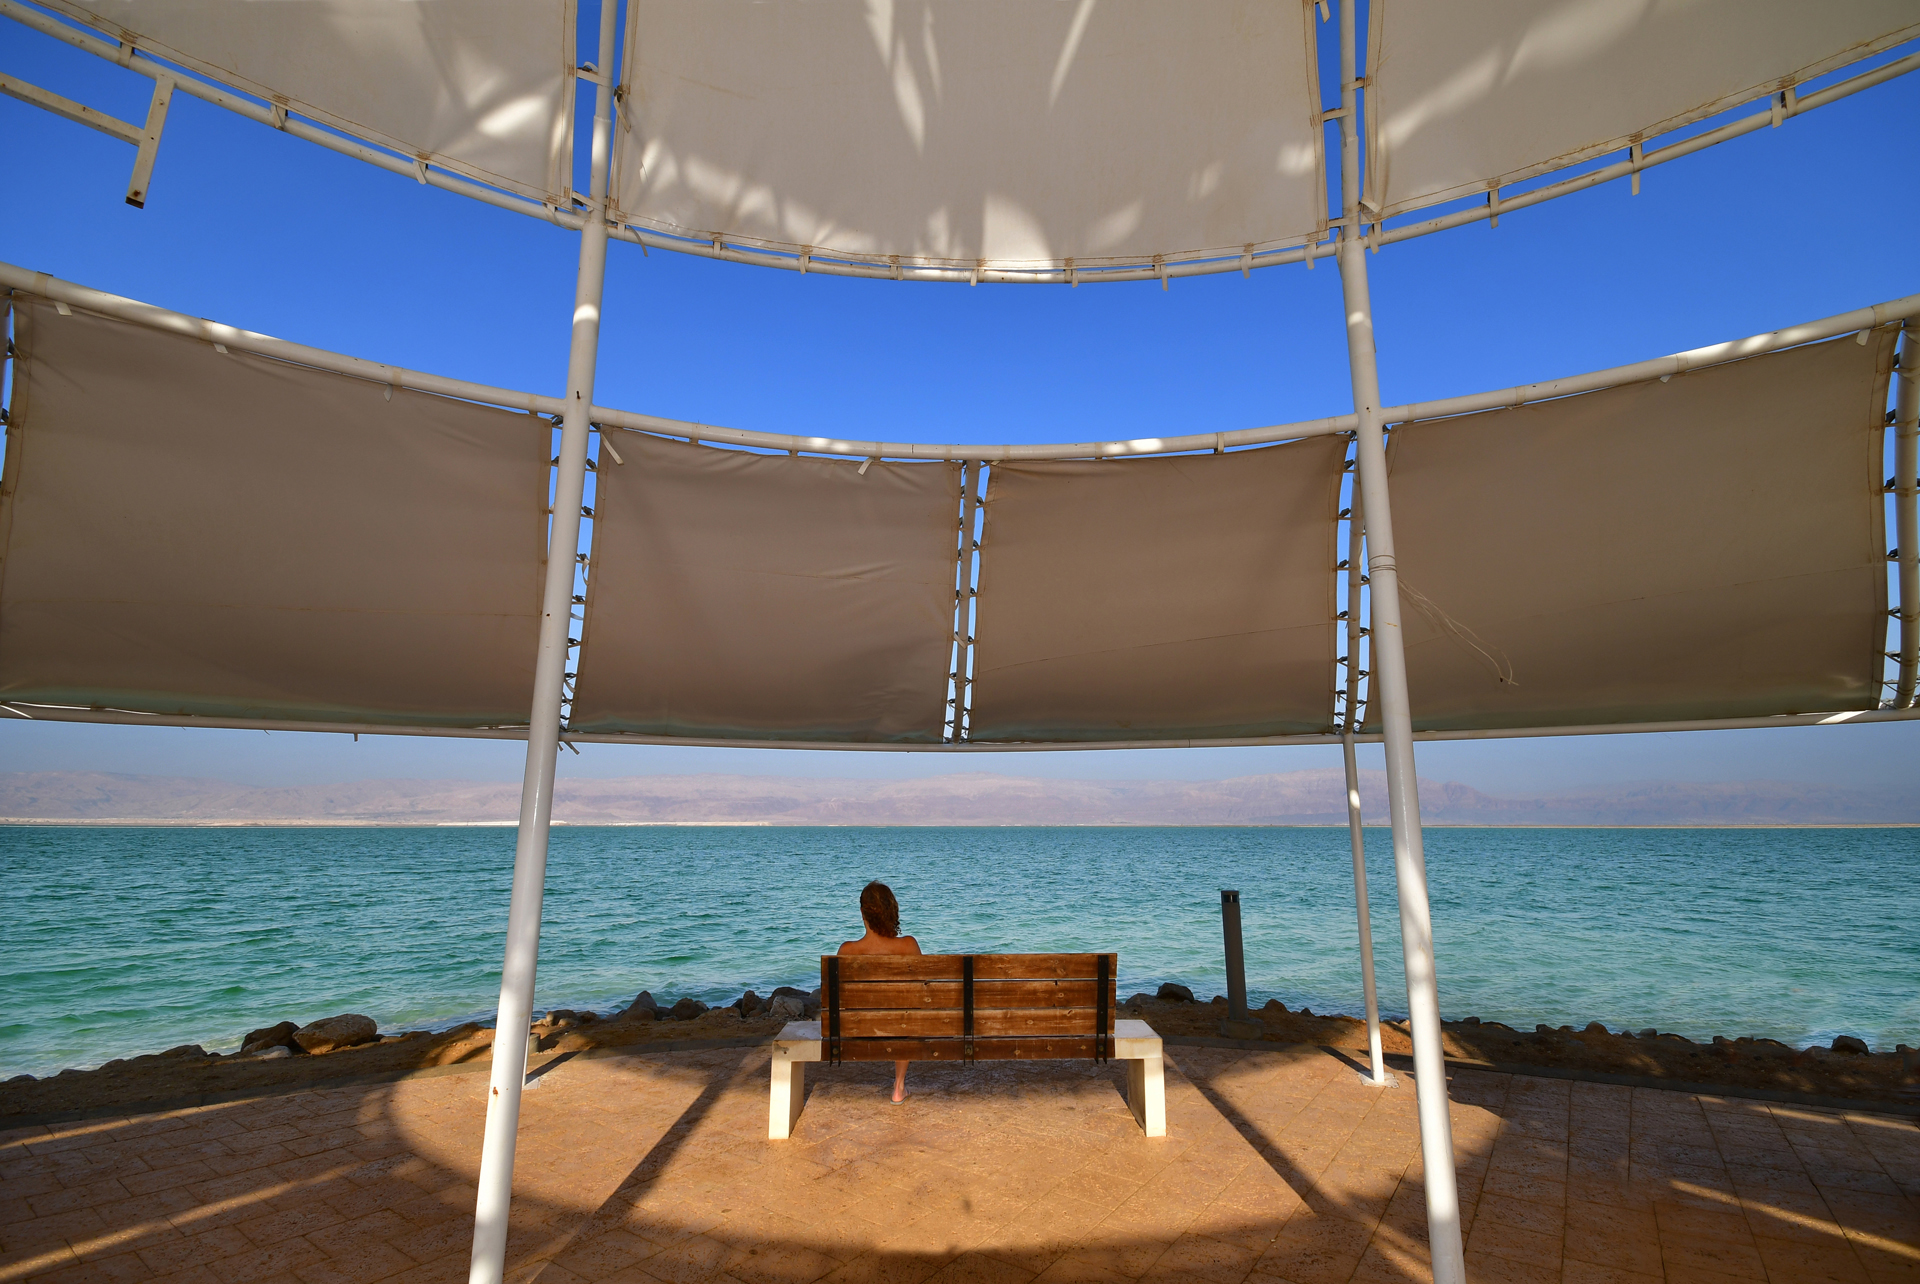 ספסל המשאלות ים המלח - יואל שתרוג - אדמה יוצרת - yoel sitruk